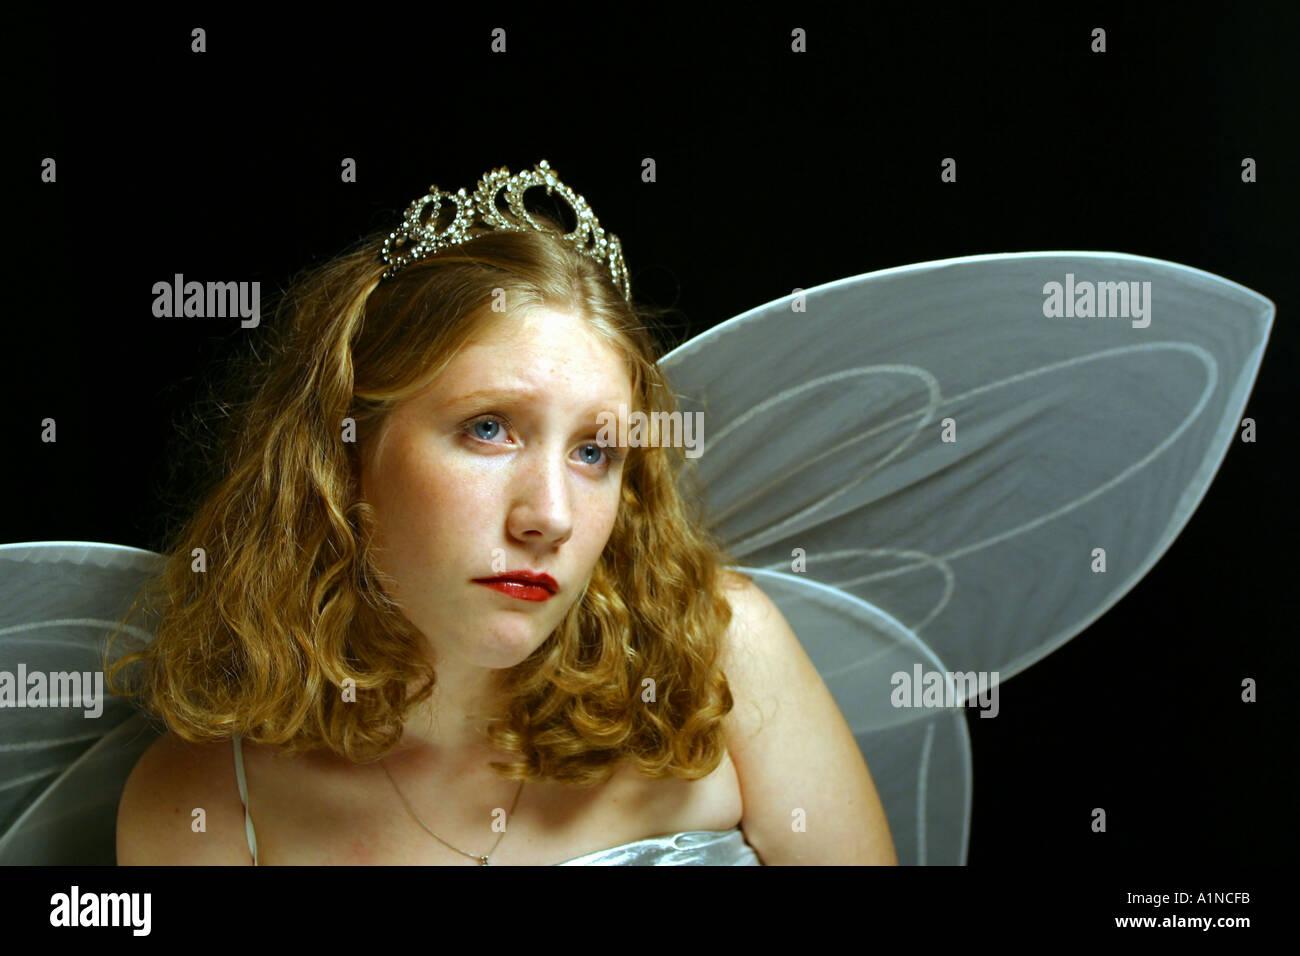 Triste fata principessa foto foto fotografie di persone Immagini Stock